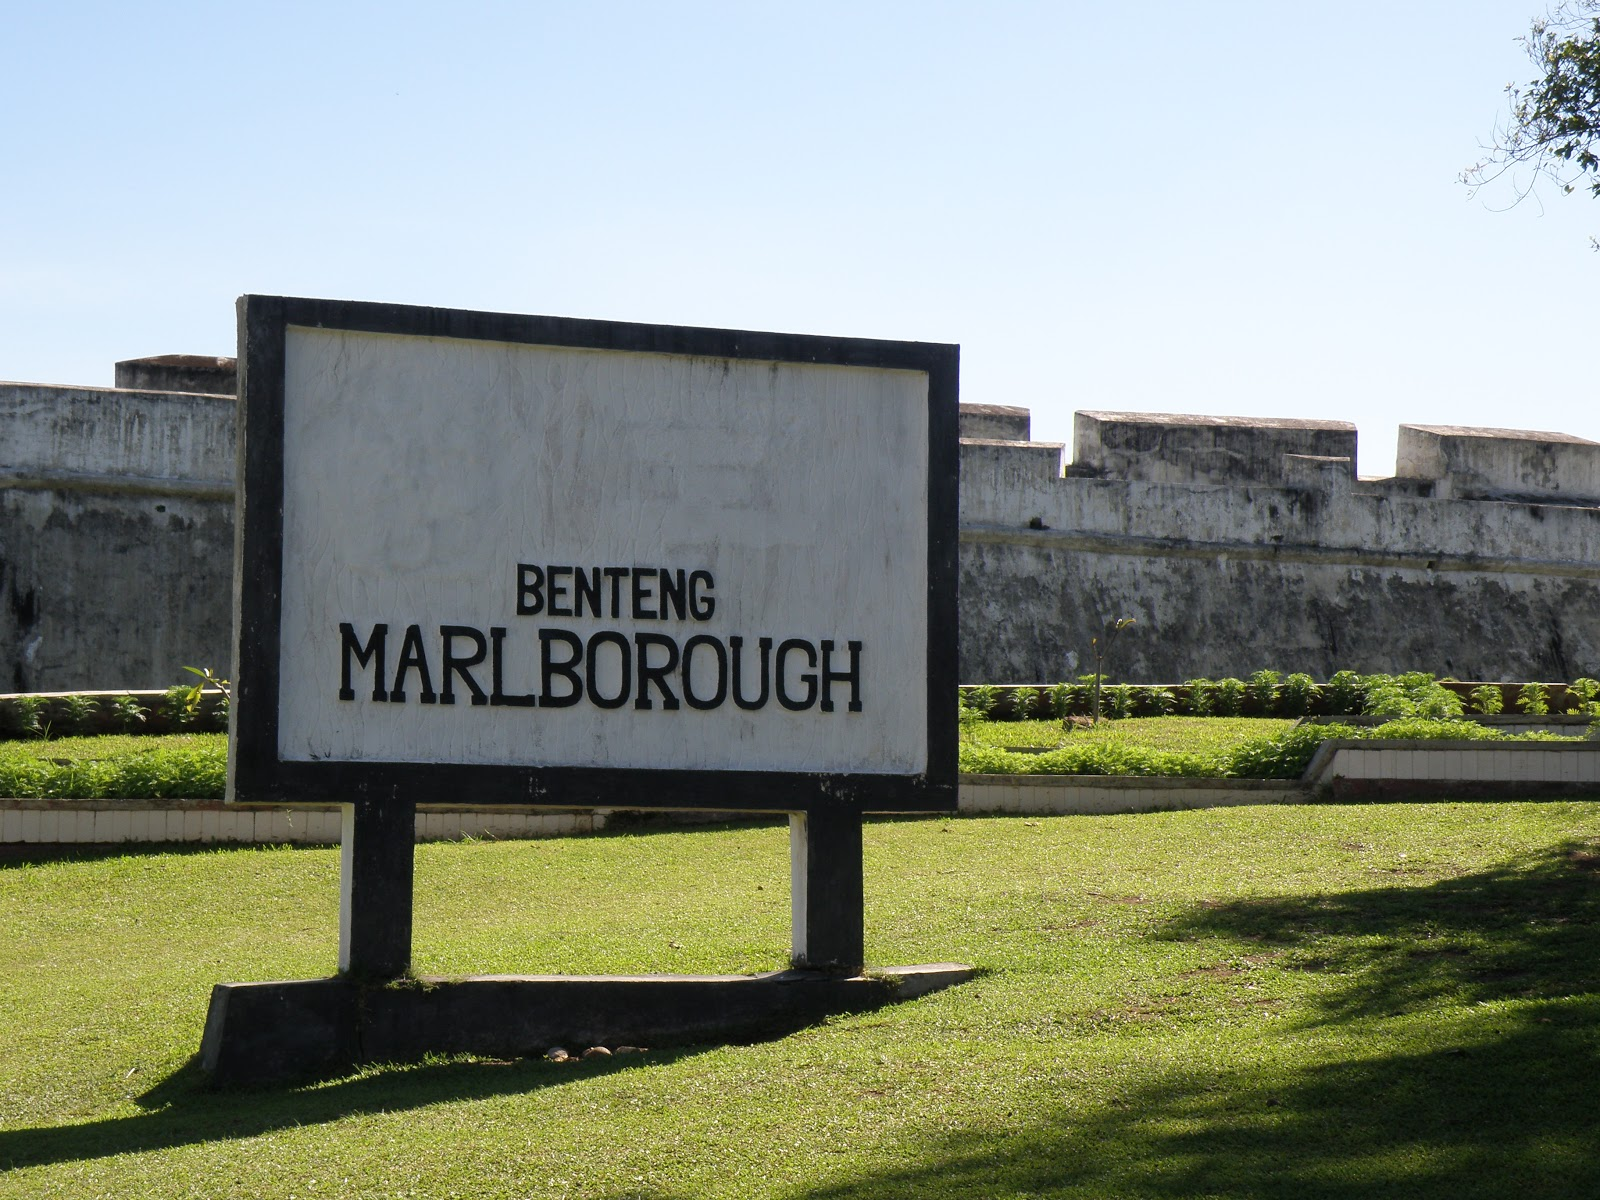 Benteng Marlborough Bengkulu Wisata Kerja Indonesia Kota